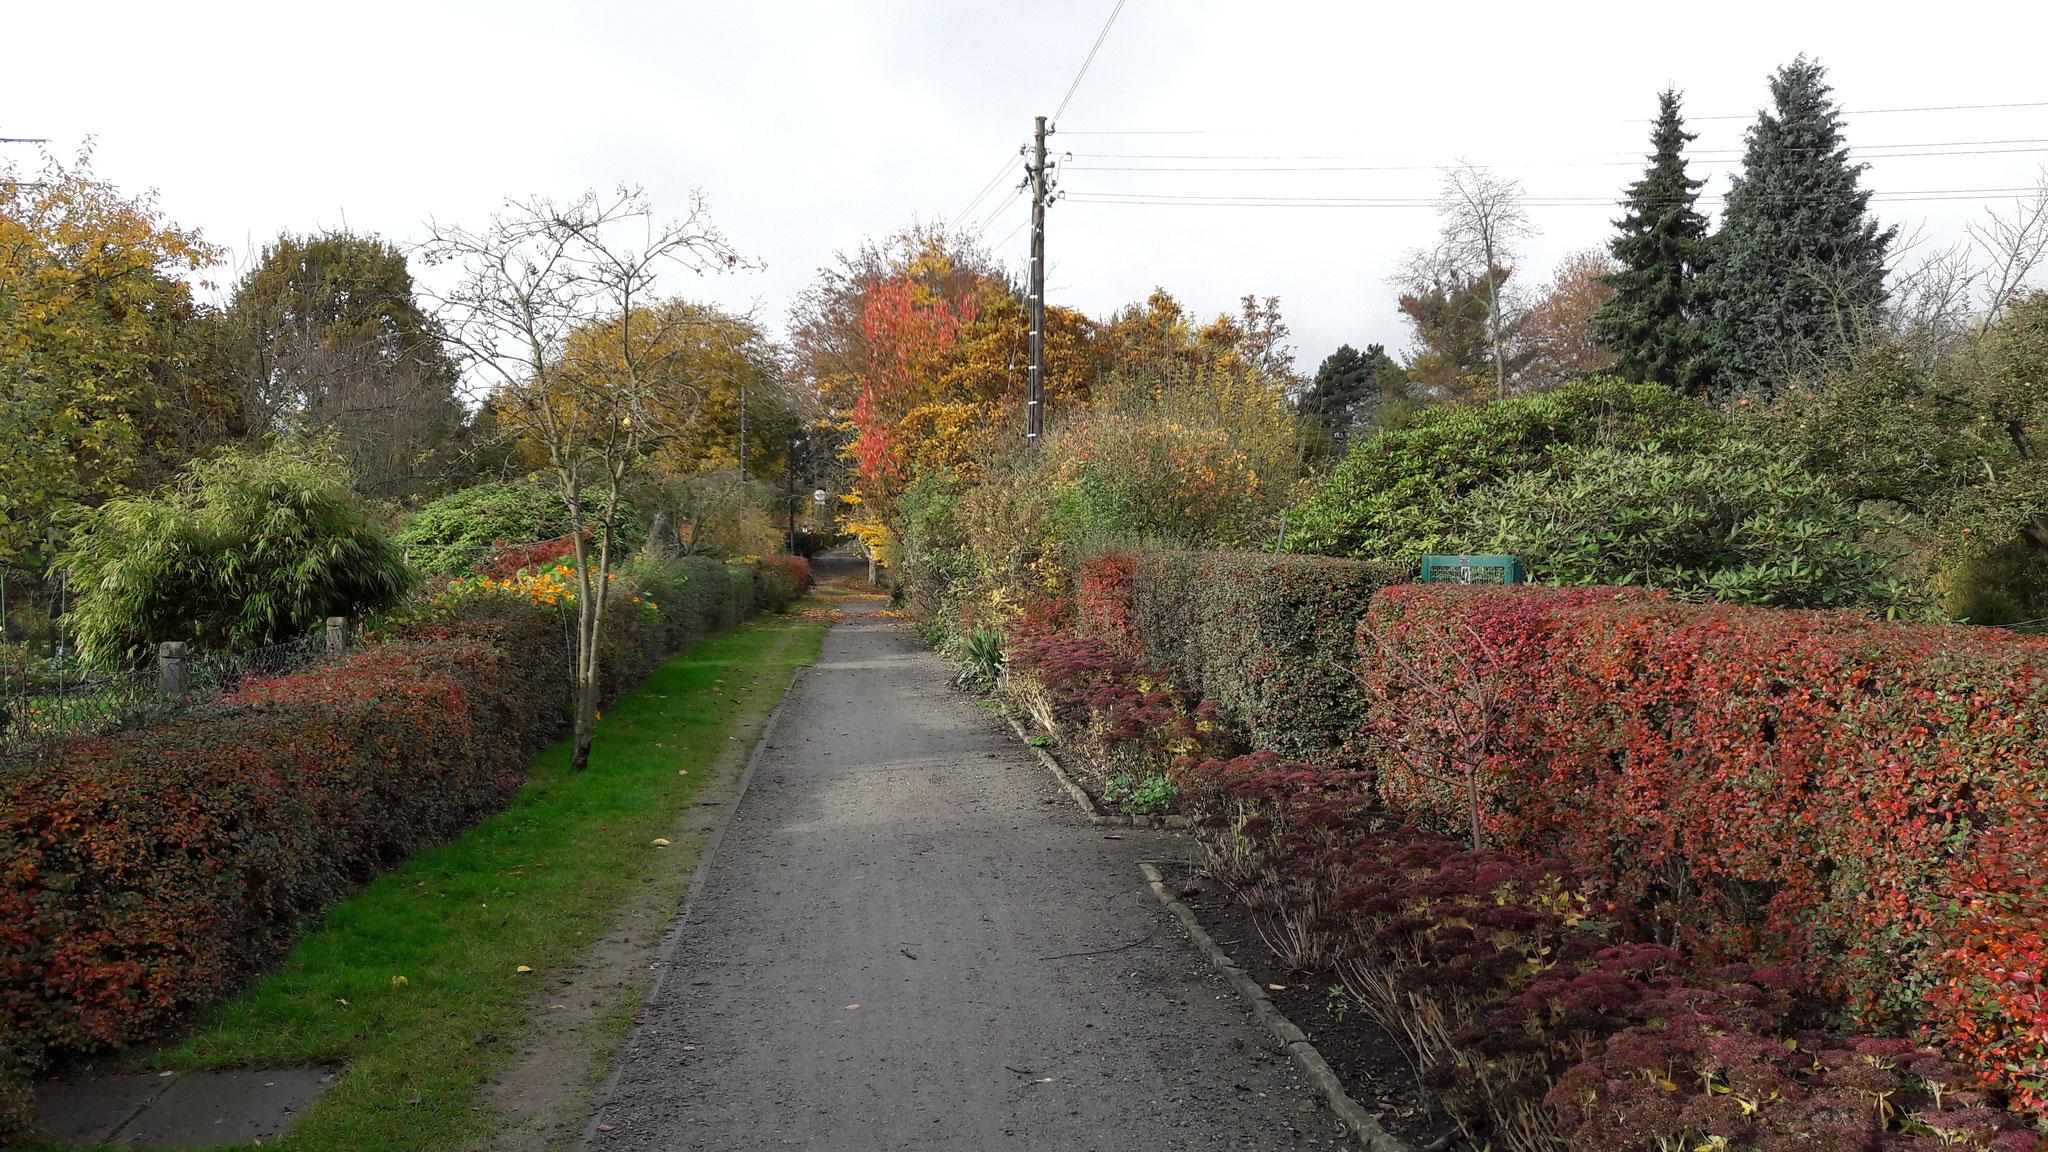 Eichenweg in der Altanlage in Richtung City November 2016